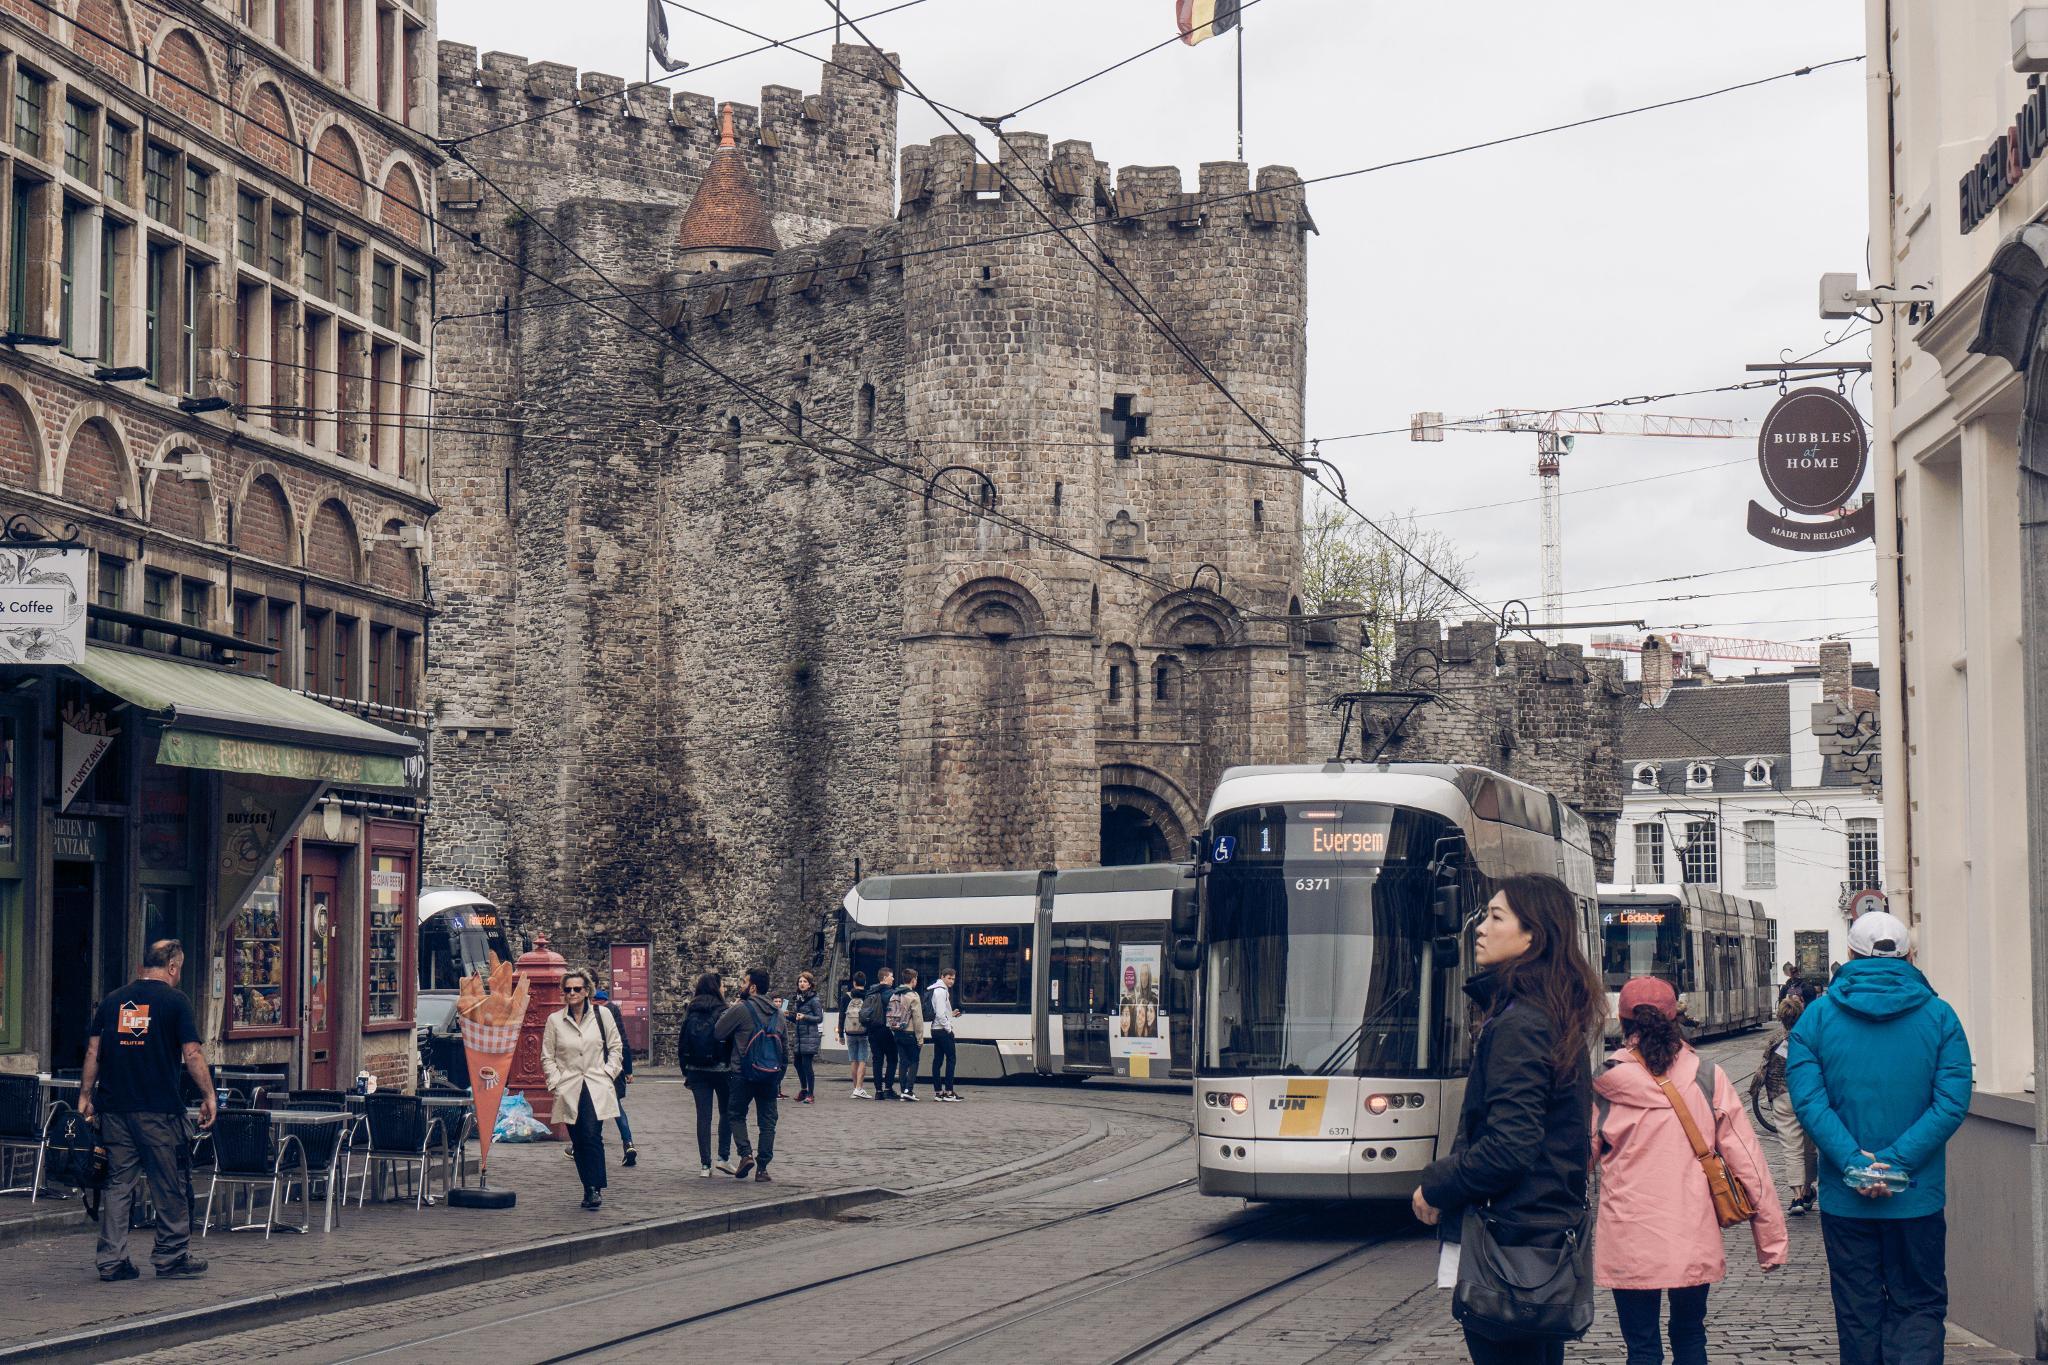 【比利時】穿梭中世紀的大城小事 — 比利時根特 (Ghent) 散步景點總整理 112